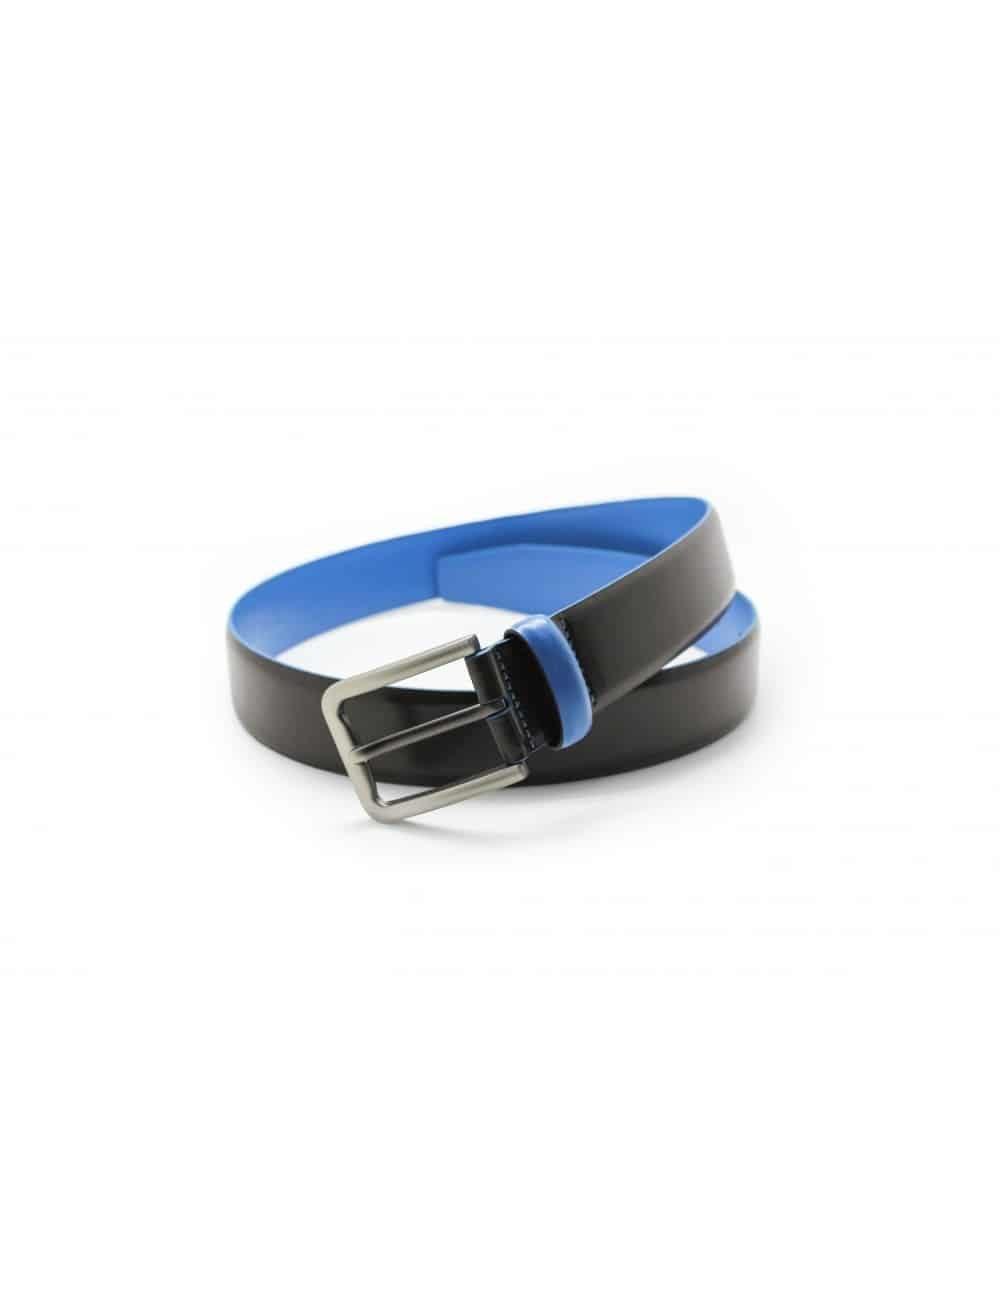 Dark Brown & Blue Leather Belt LB2.5